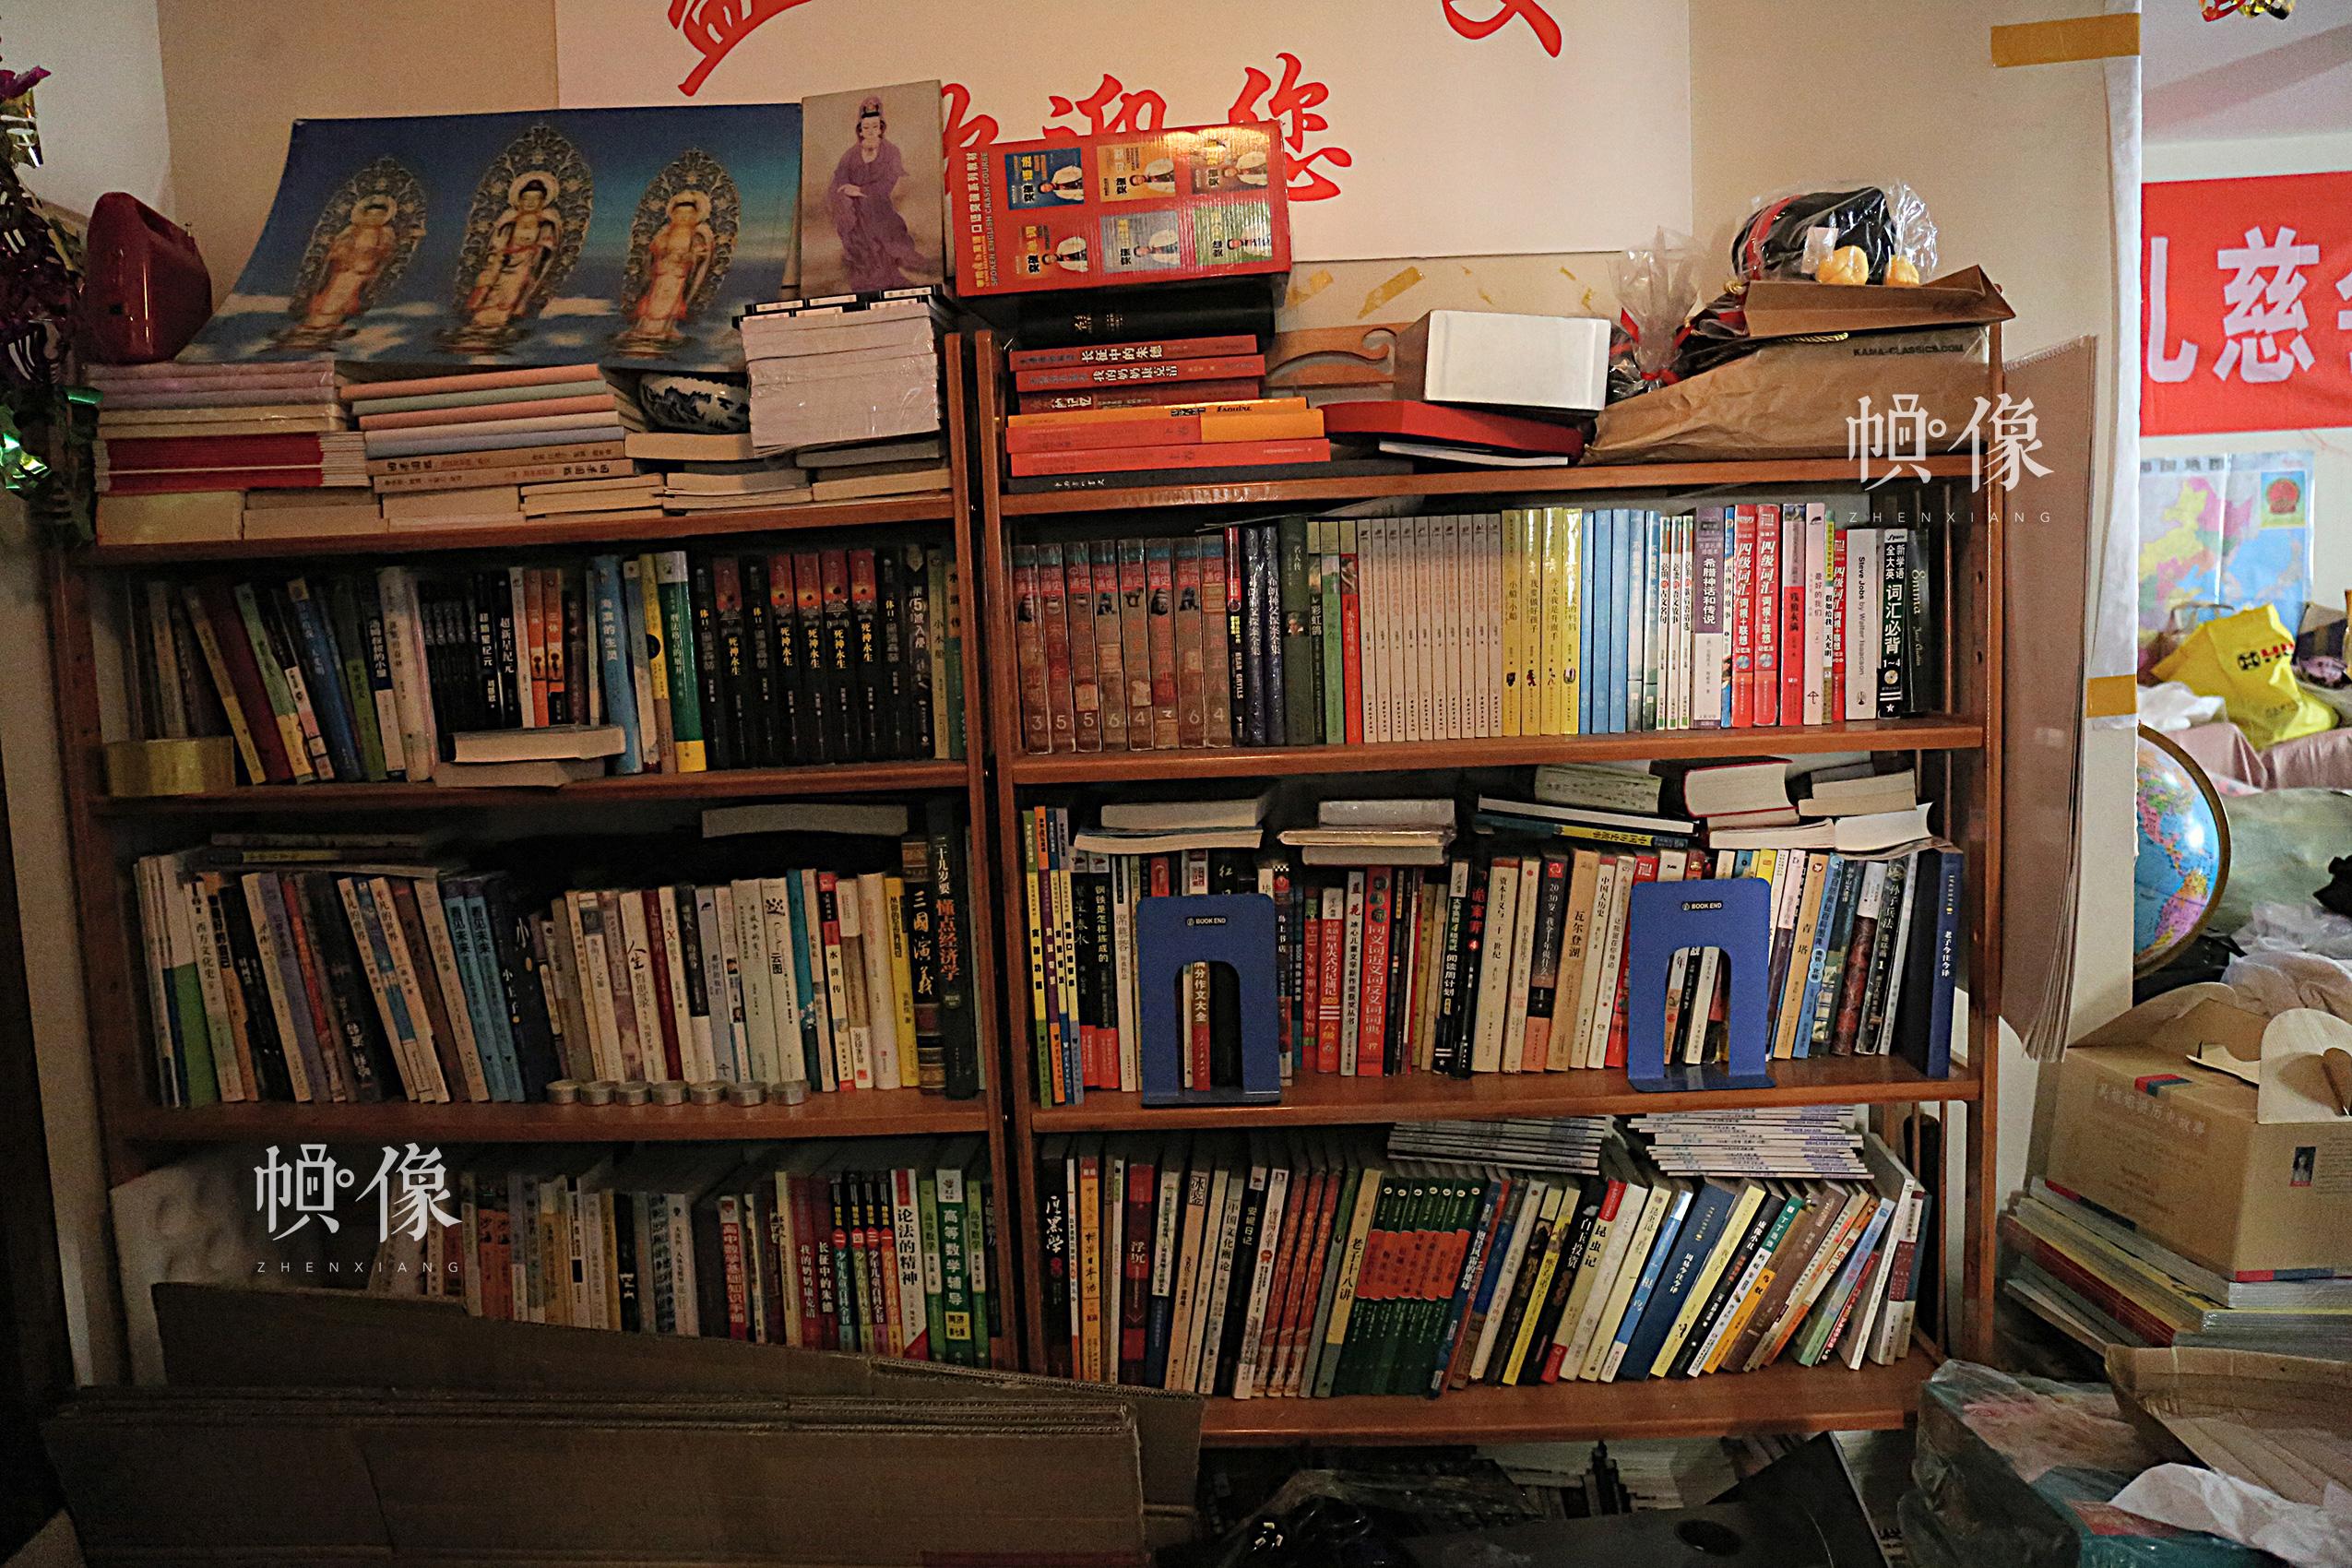 2017年4月9日,北京益童成长中心,客厅书架上摆满了爱心人士为孩子们捐赠的各类图书。中国网记者 黄富友 摄